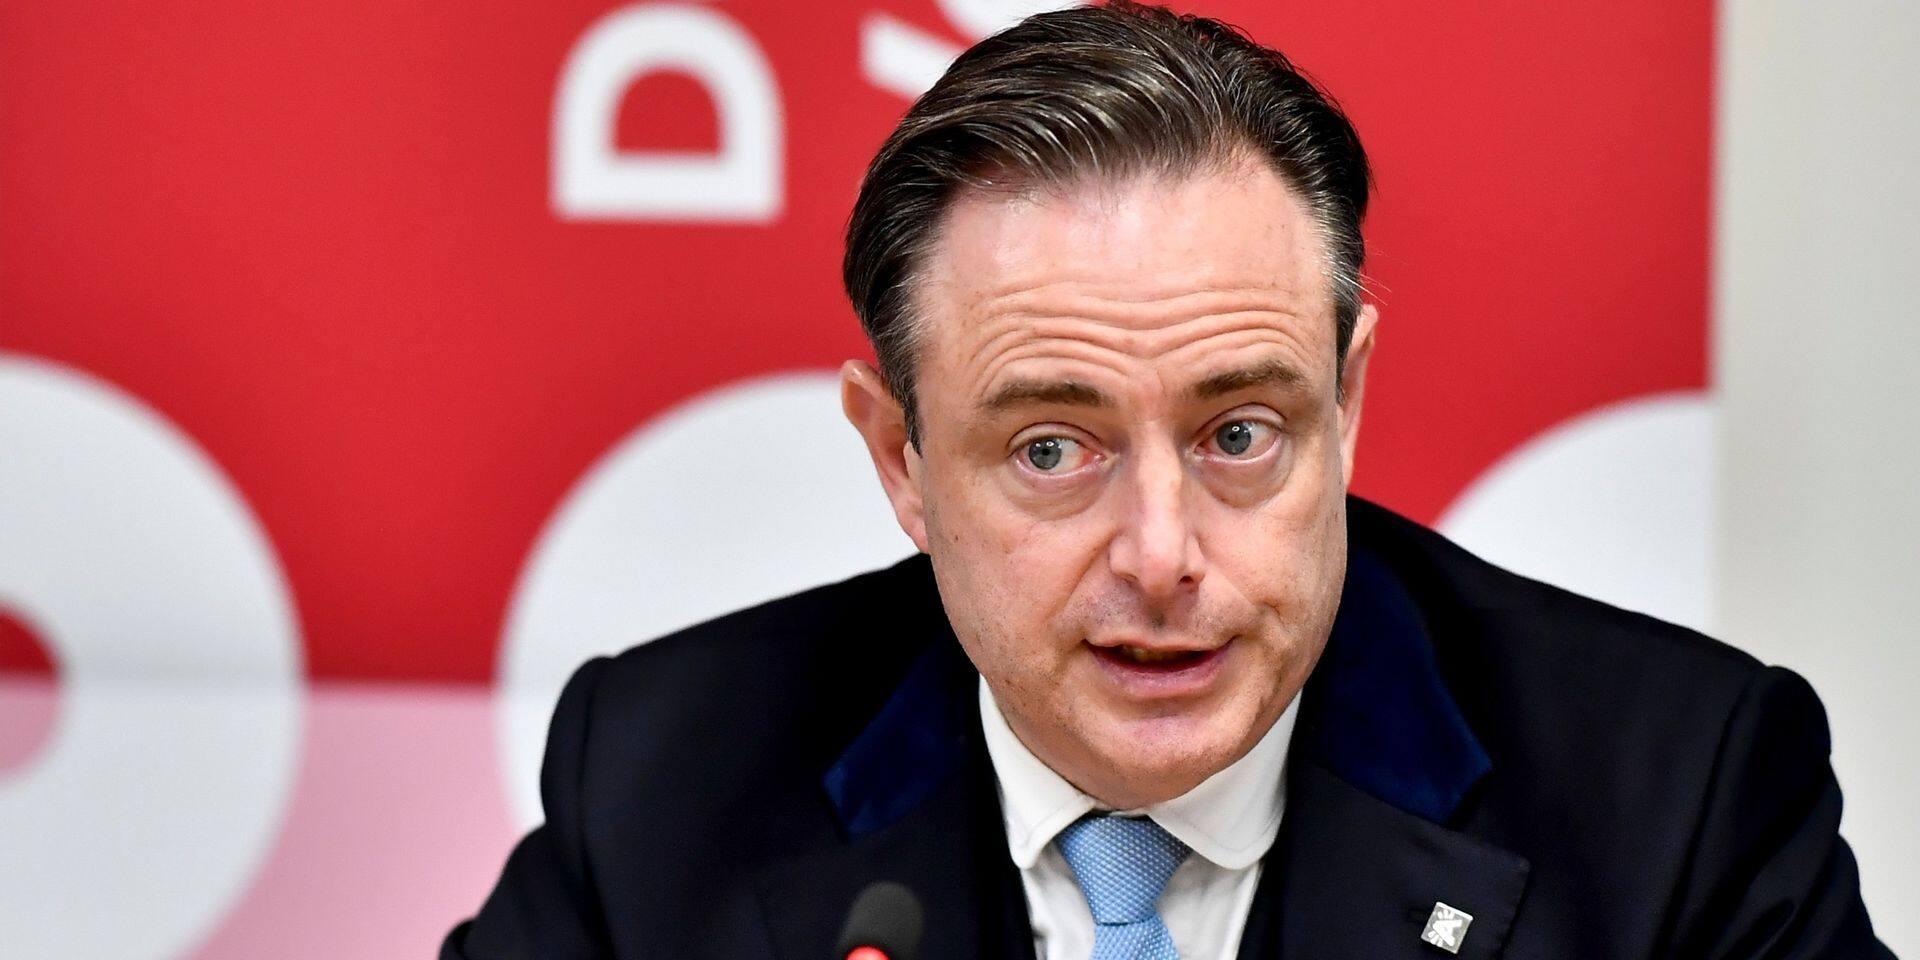 Ce deal que Bart De Wever avoue avoir passé avec une autre personnalité politique